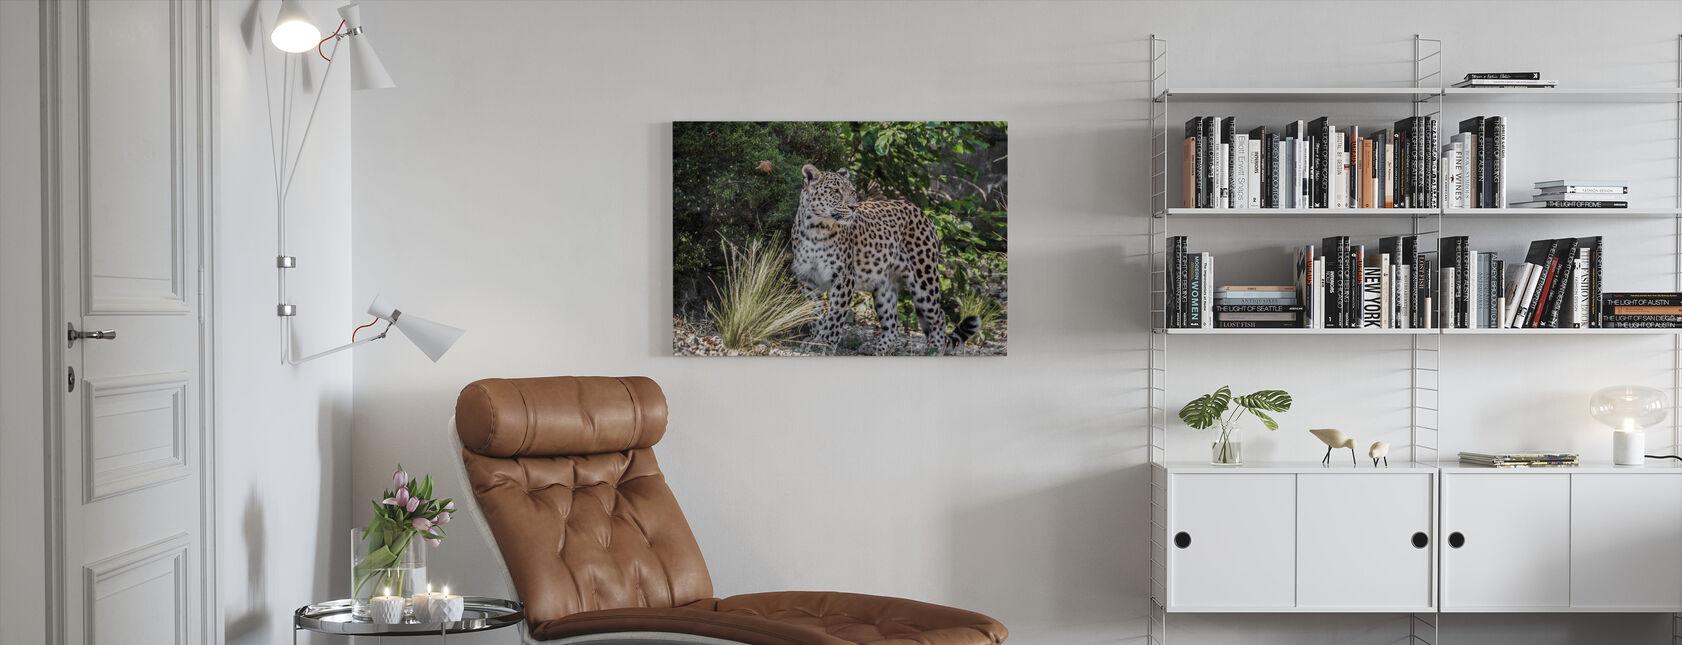 Leopardenstarren - Leinwandbild - Wohnzimmer